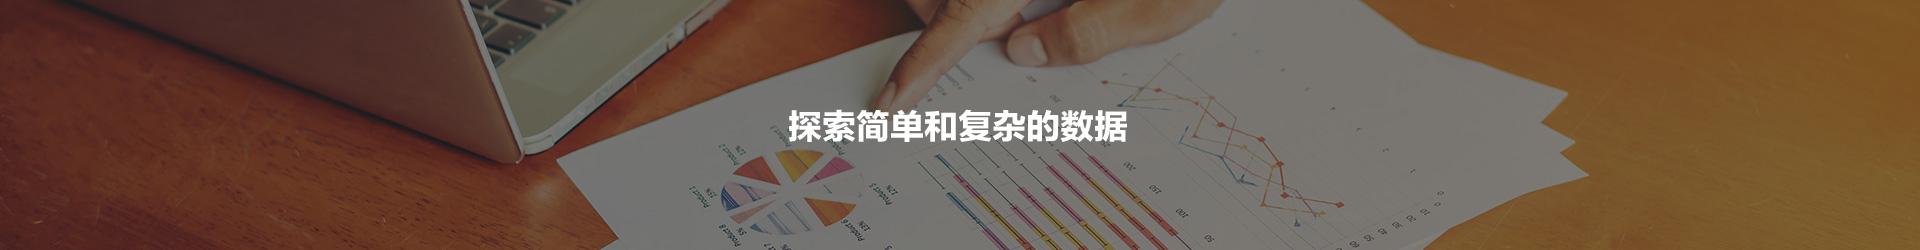 海量数据、性能_解决方案_山东普邦信息技术有限公司官方网站